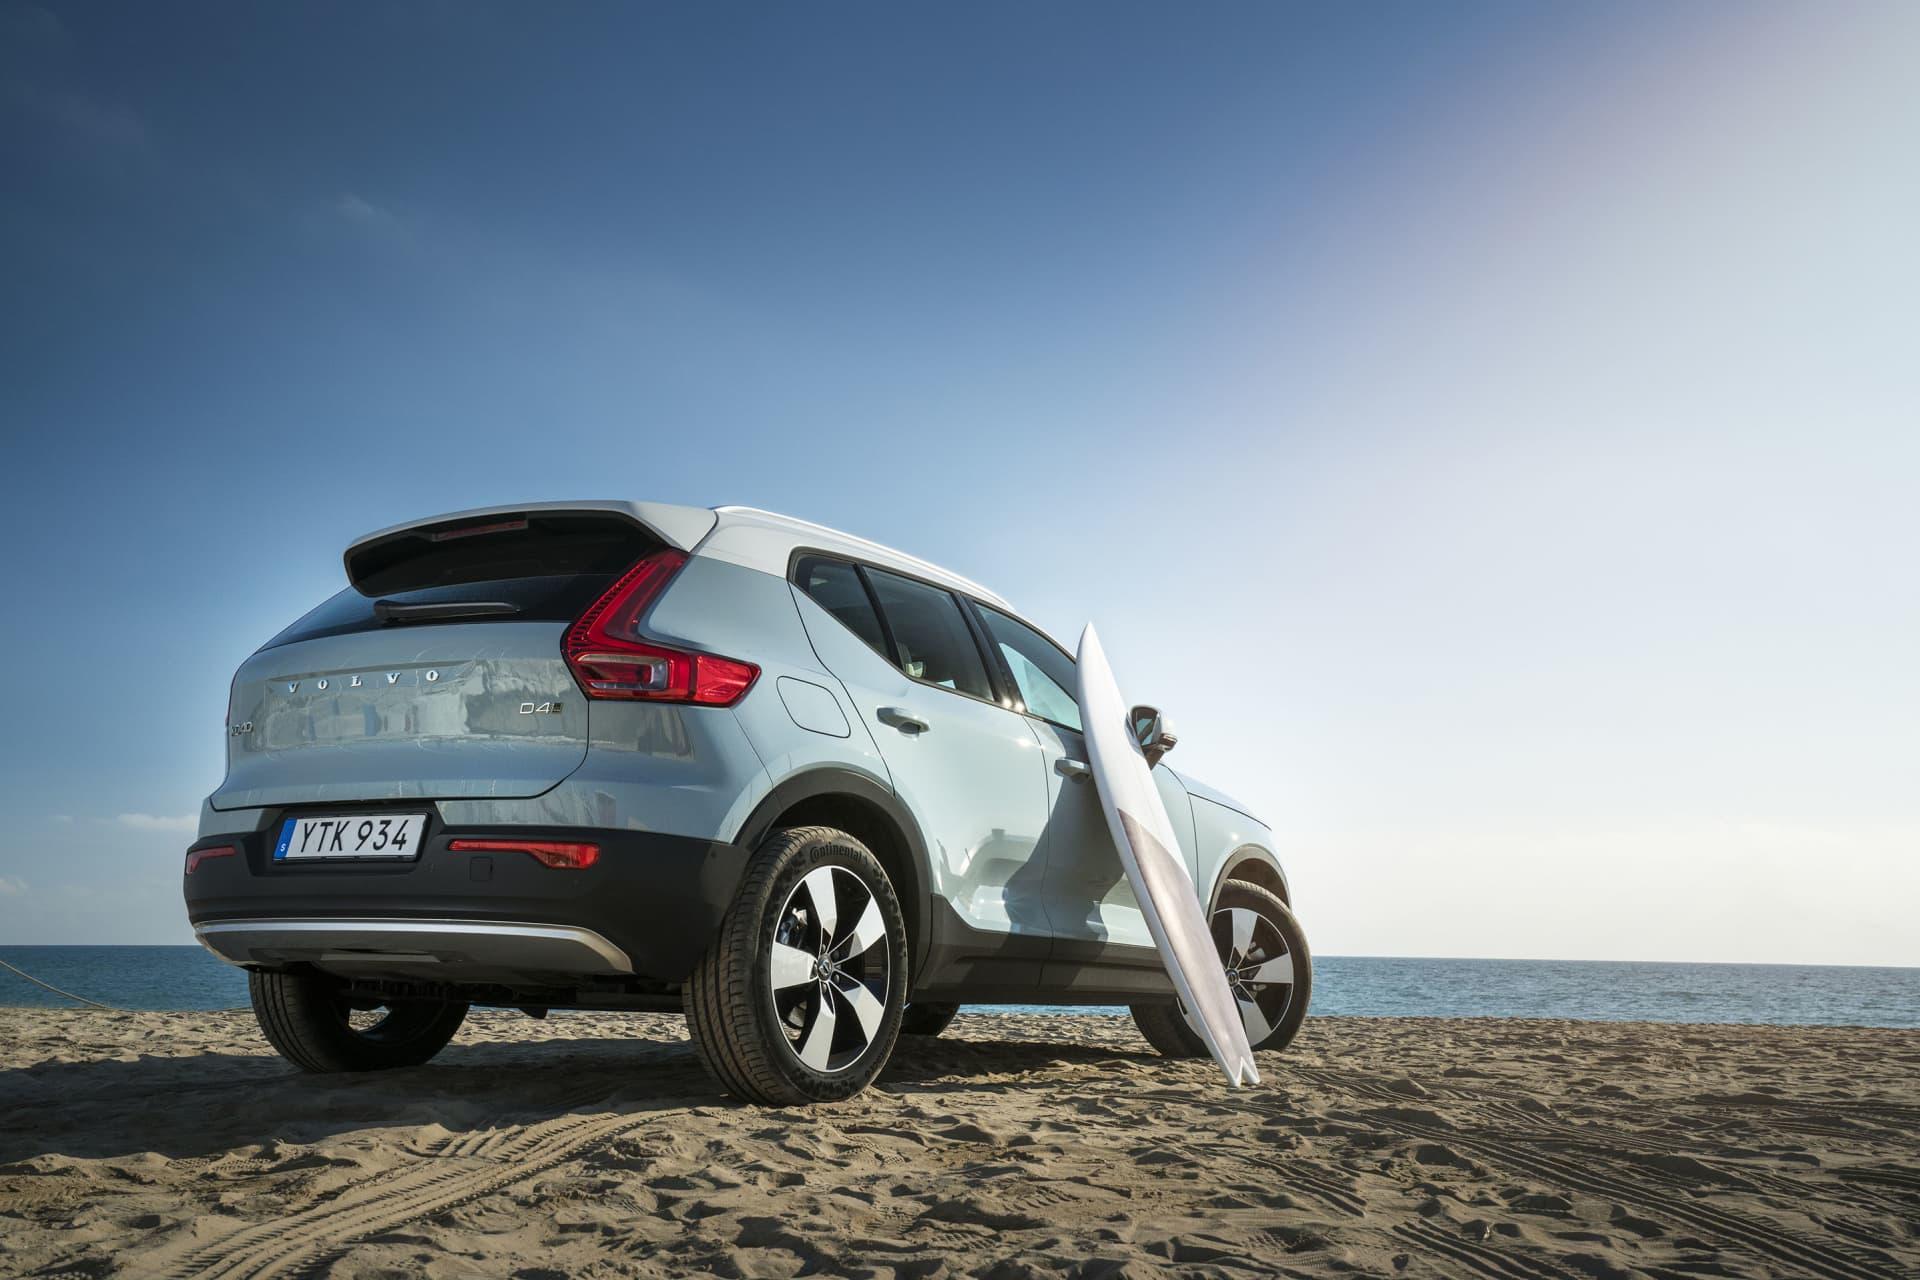 Att Volvo gärna vill förena ungdom och actionfylld livsstil i kombination med Volvo XC40 råder ingen tvekan om.